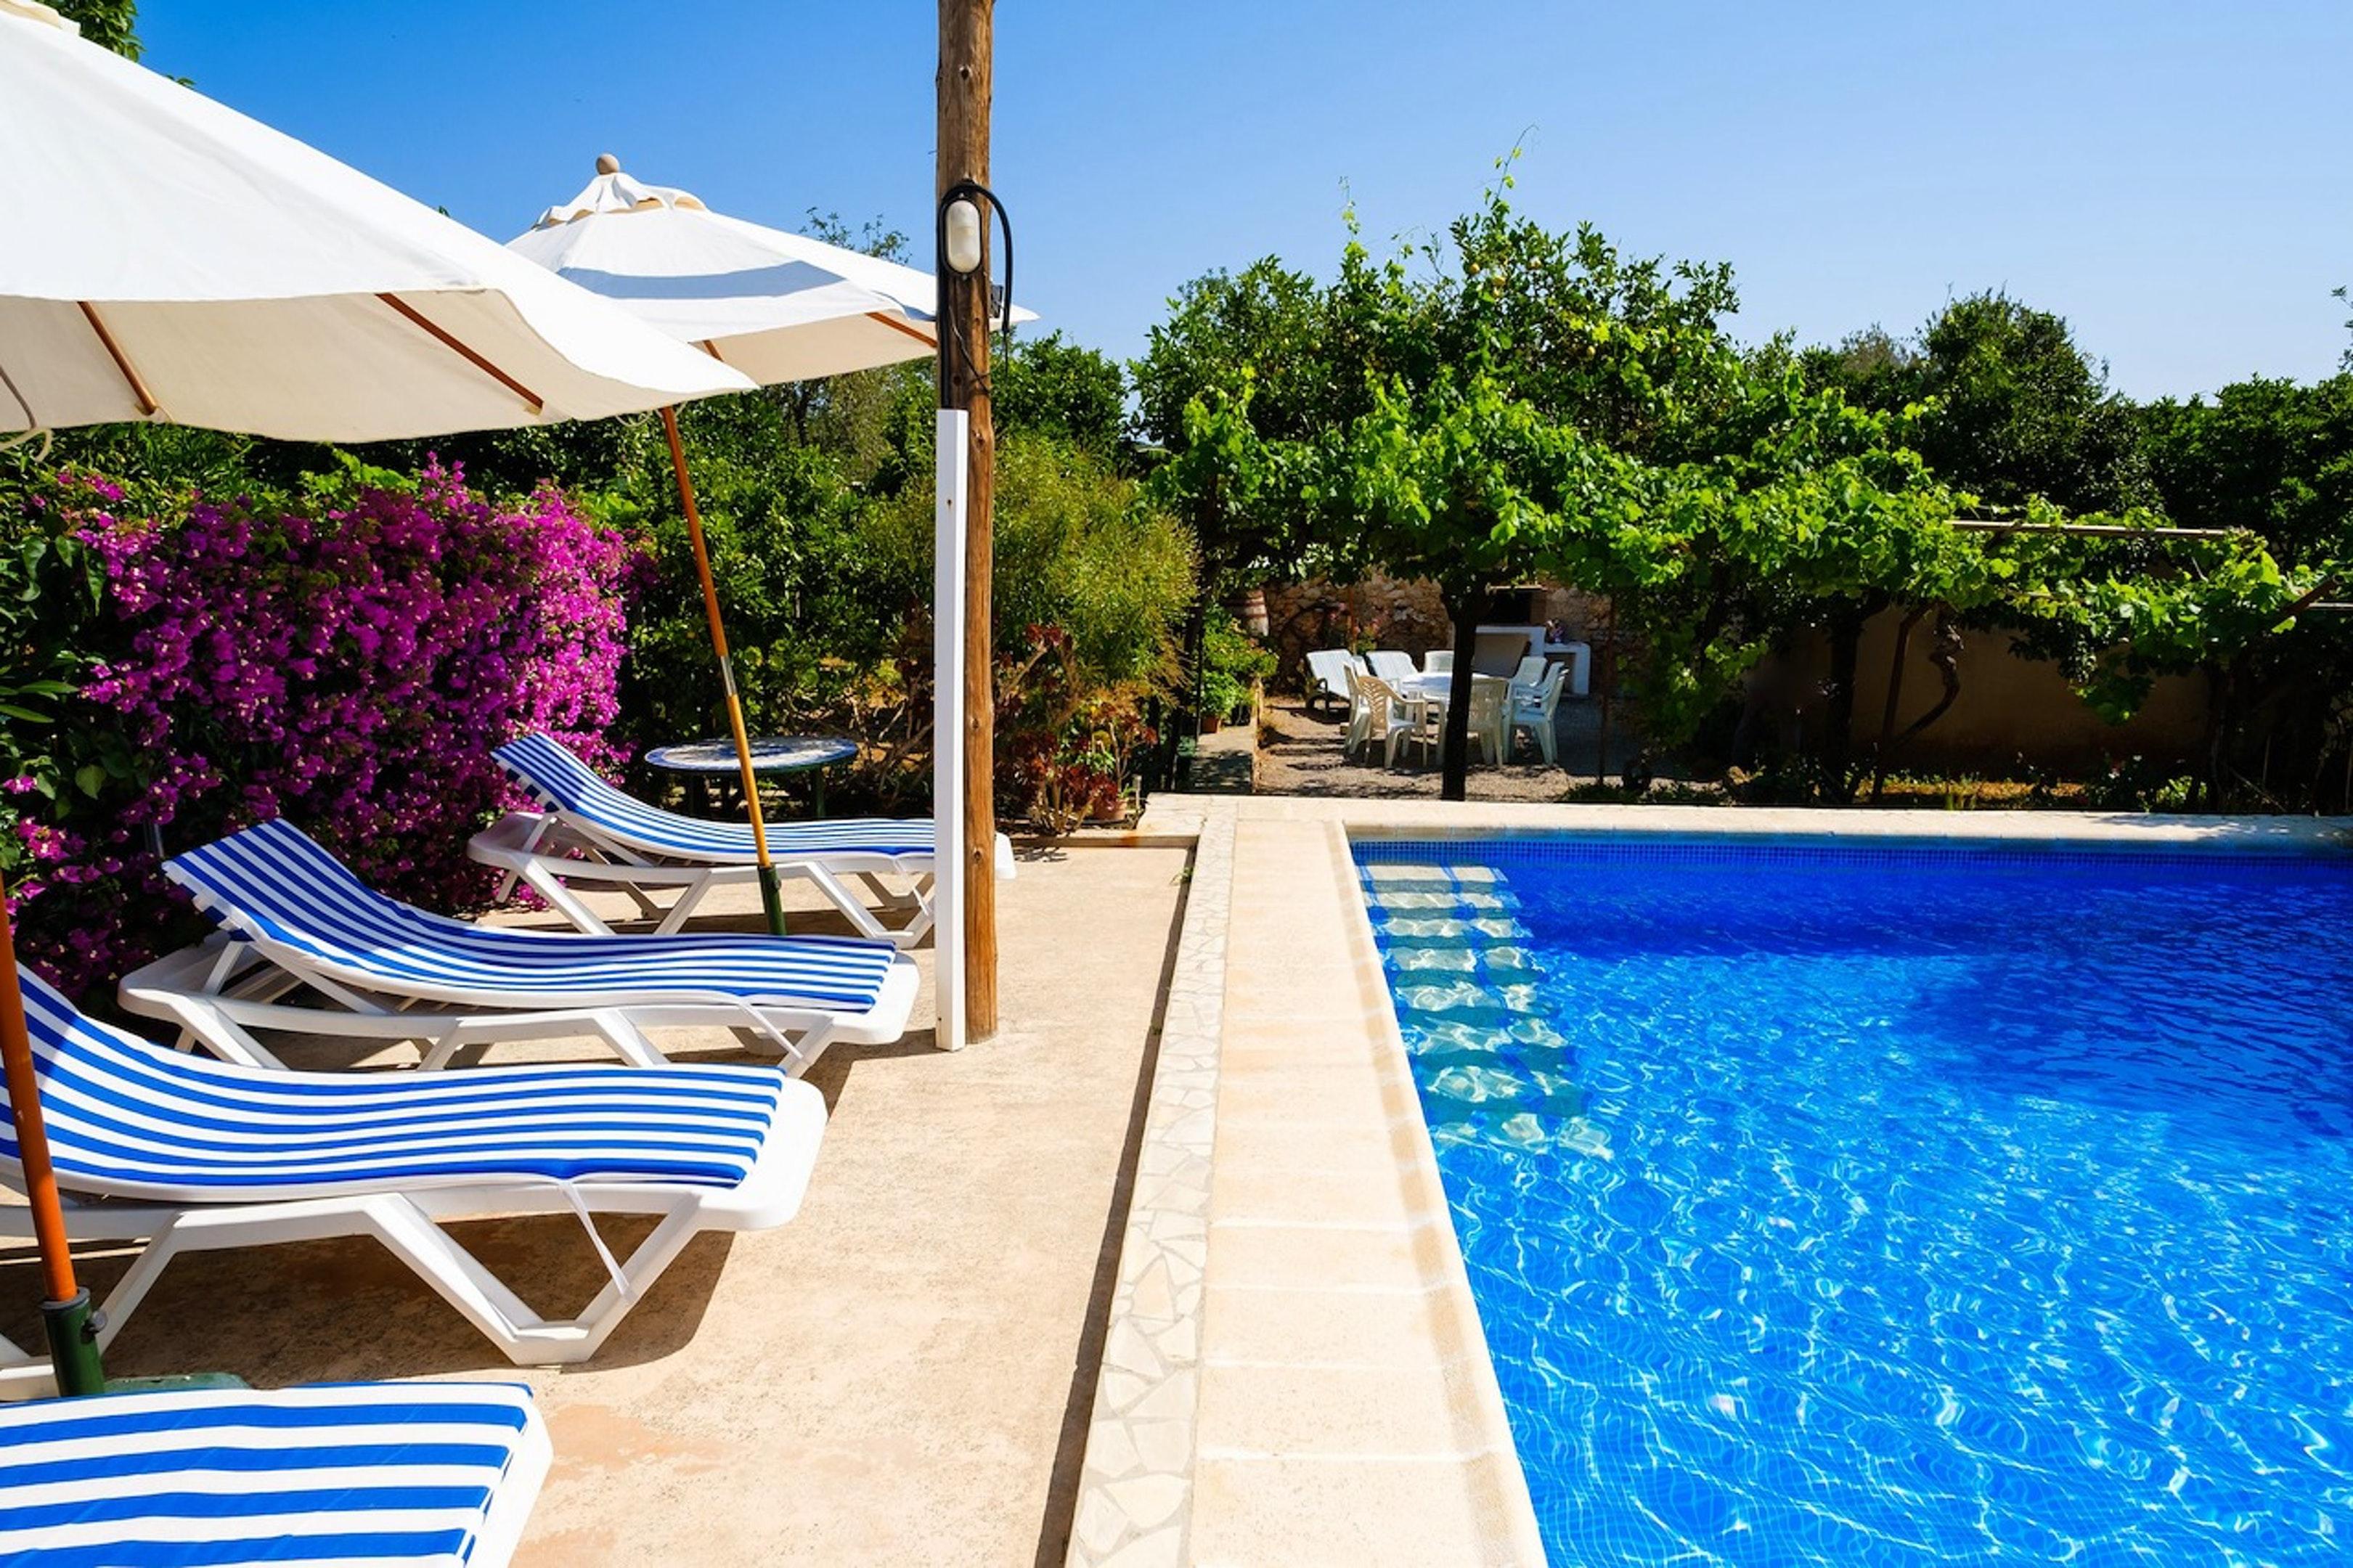 Villa mit 4 Schlafzimmern in Sant Miquel de Balansat mit toller Aussicht auf die Berge privatem Pool eingezäuntem Garten 5 km vom Strand entfernt